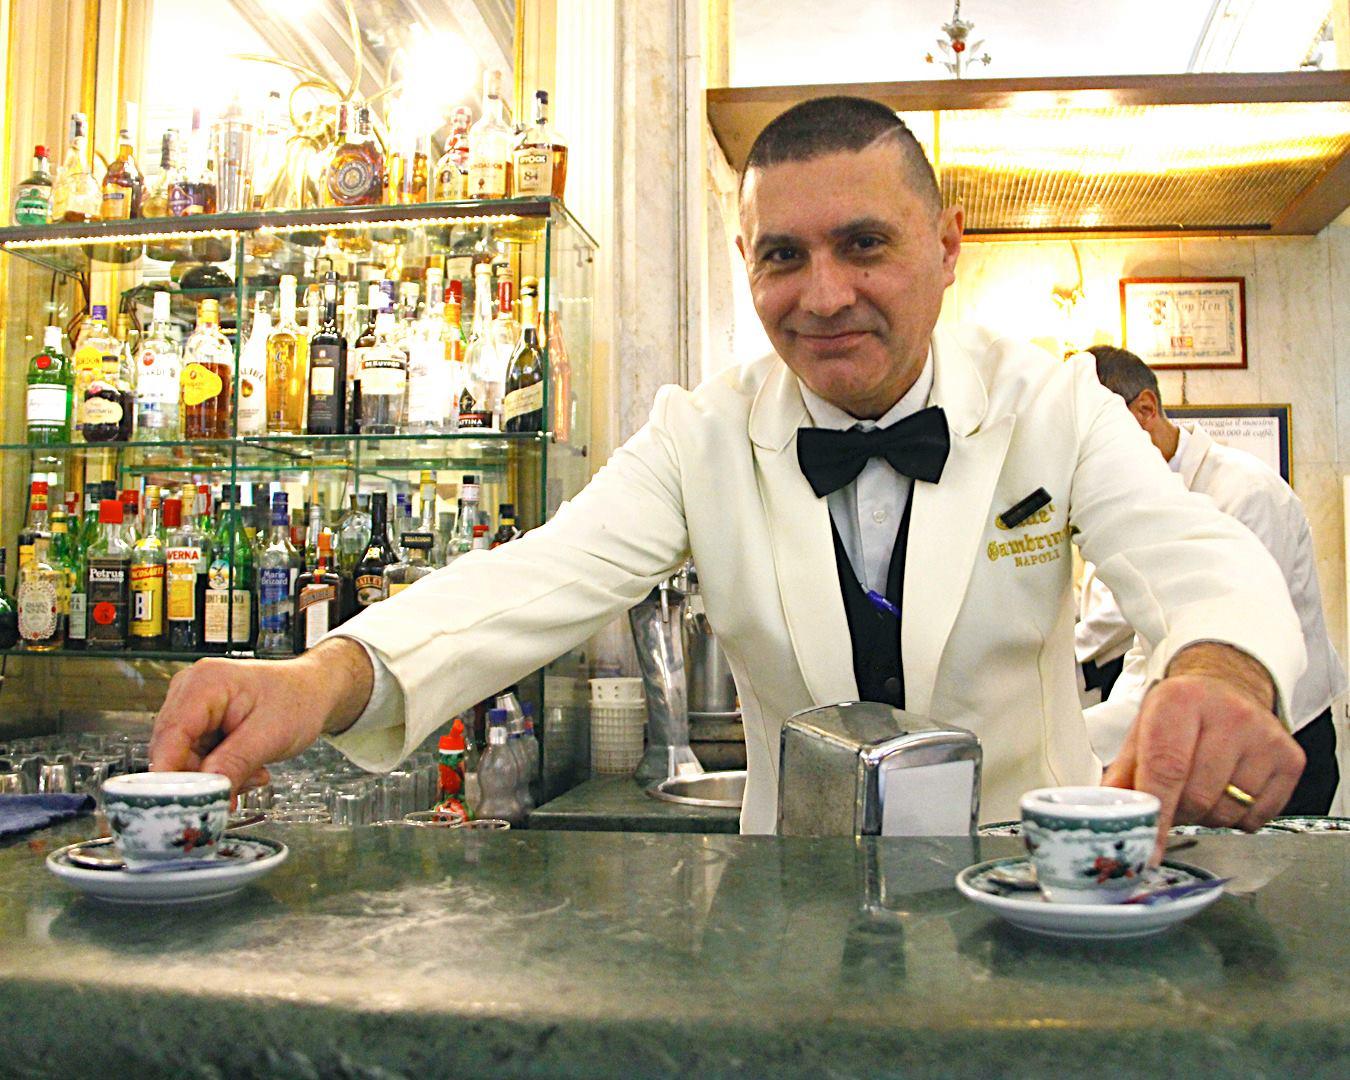 Gran Caffè Gambrinus, a beloved Neapolitan institution